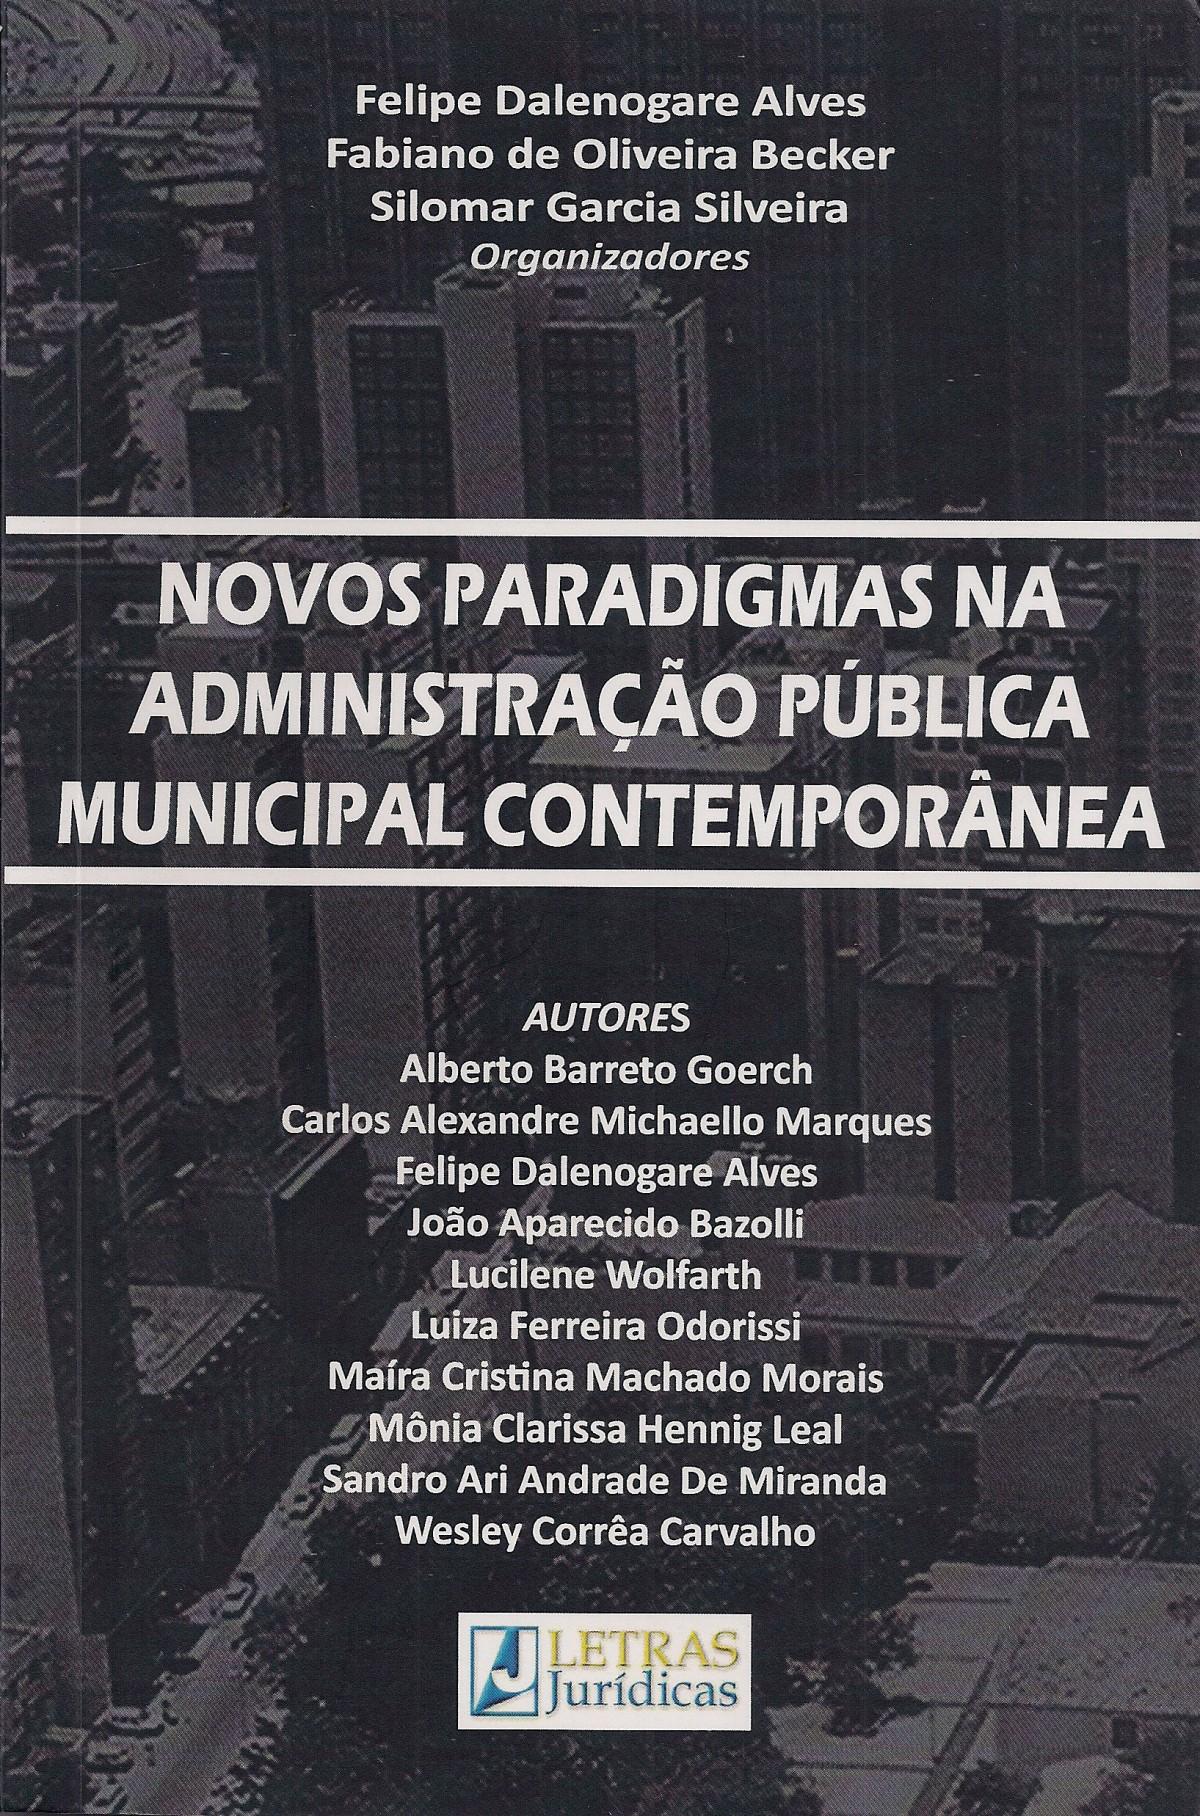 Foto 1 - Novos Paradigmas na Administração Pública Municipal Contemporânea